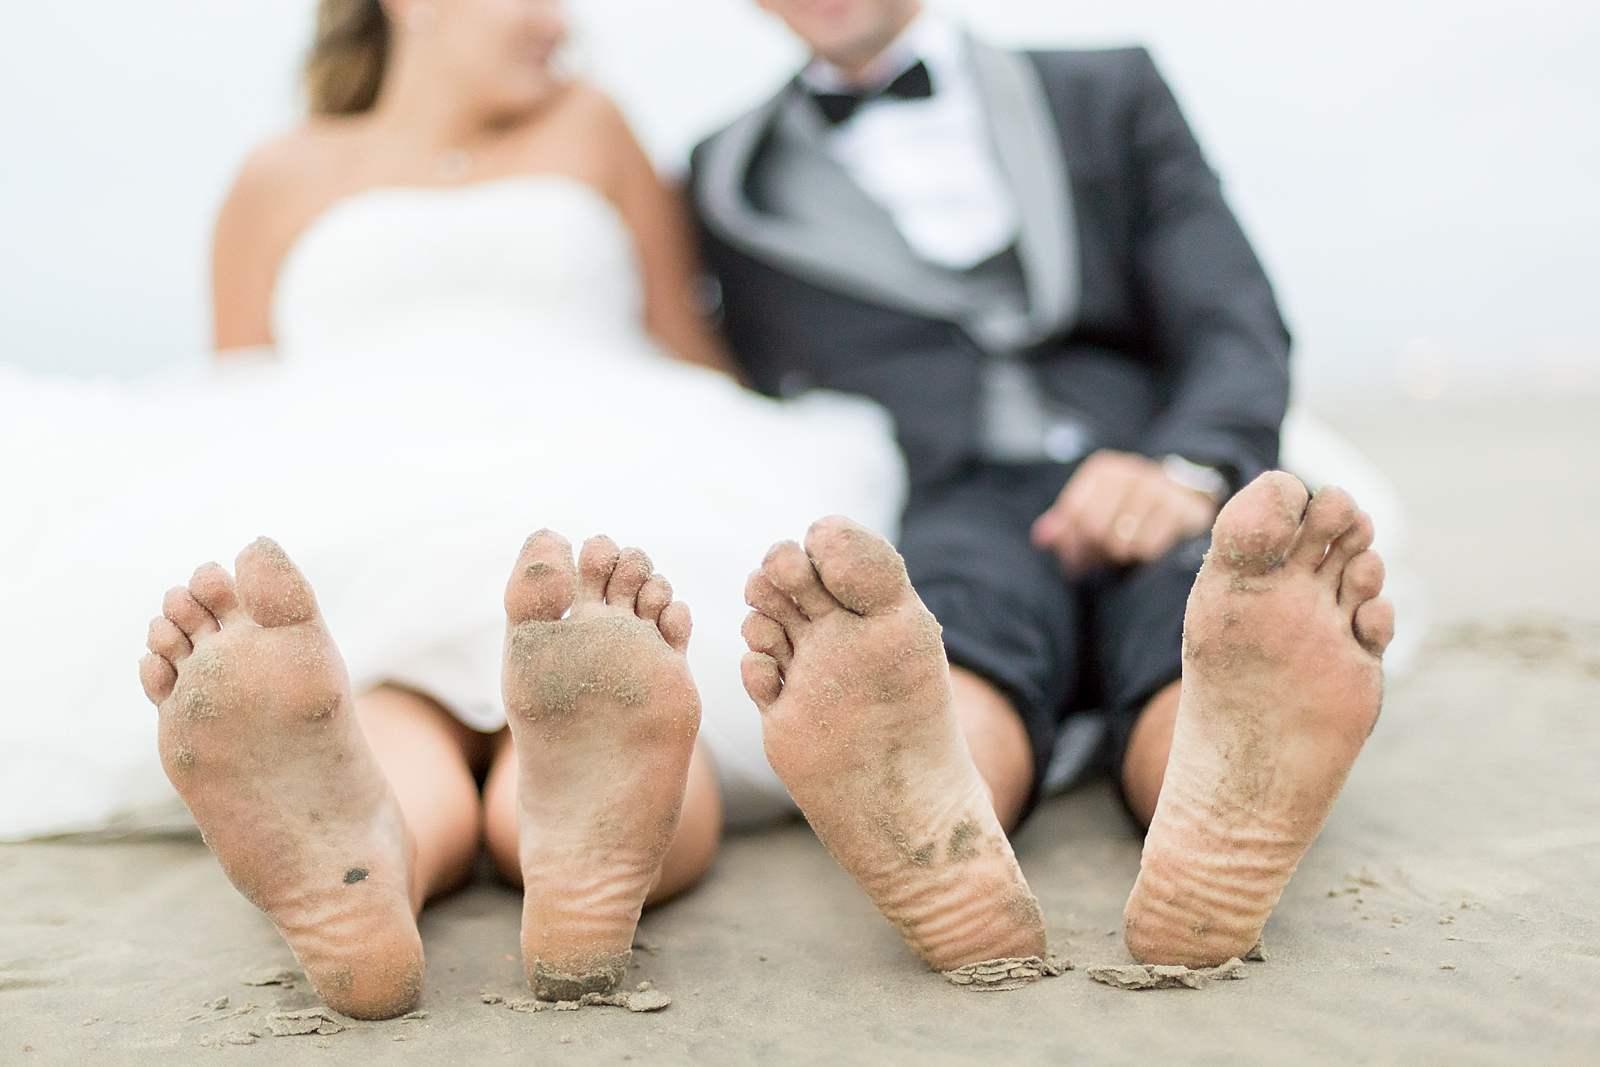 portrait des pieds des jeunes mariés pleins de sable.